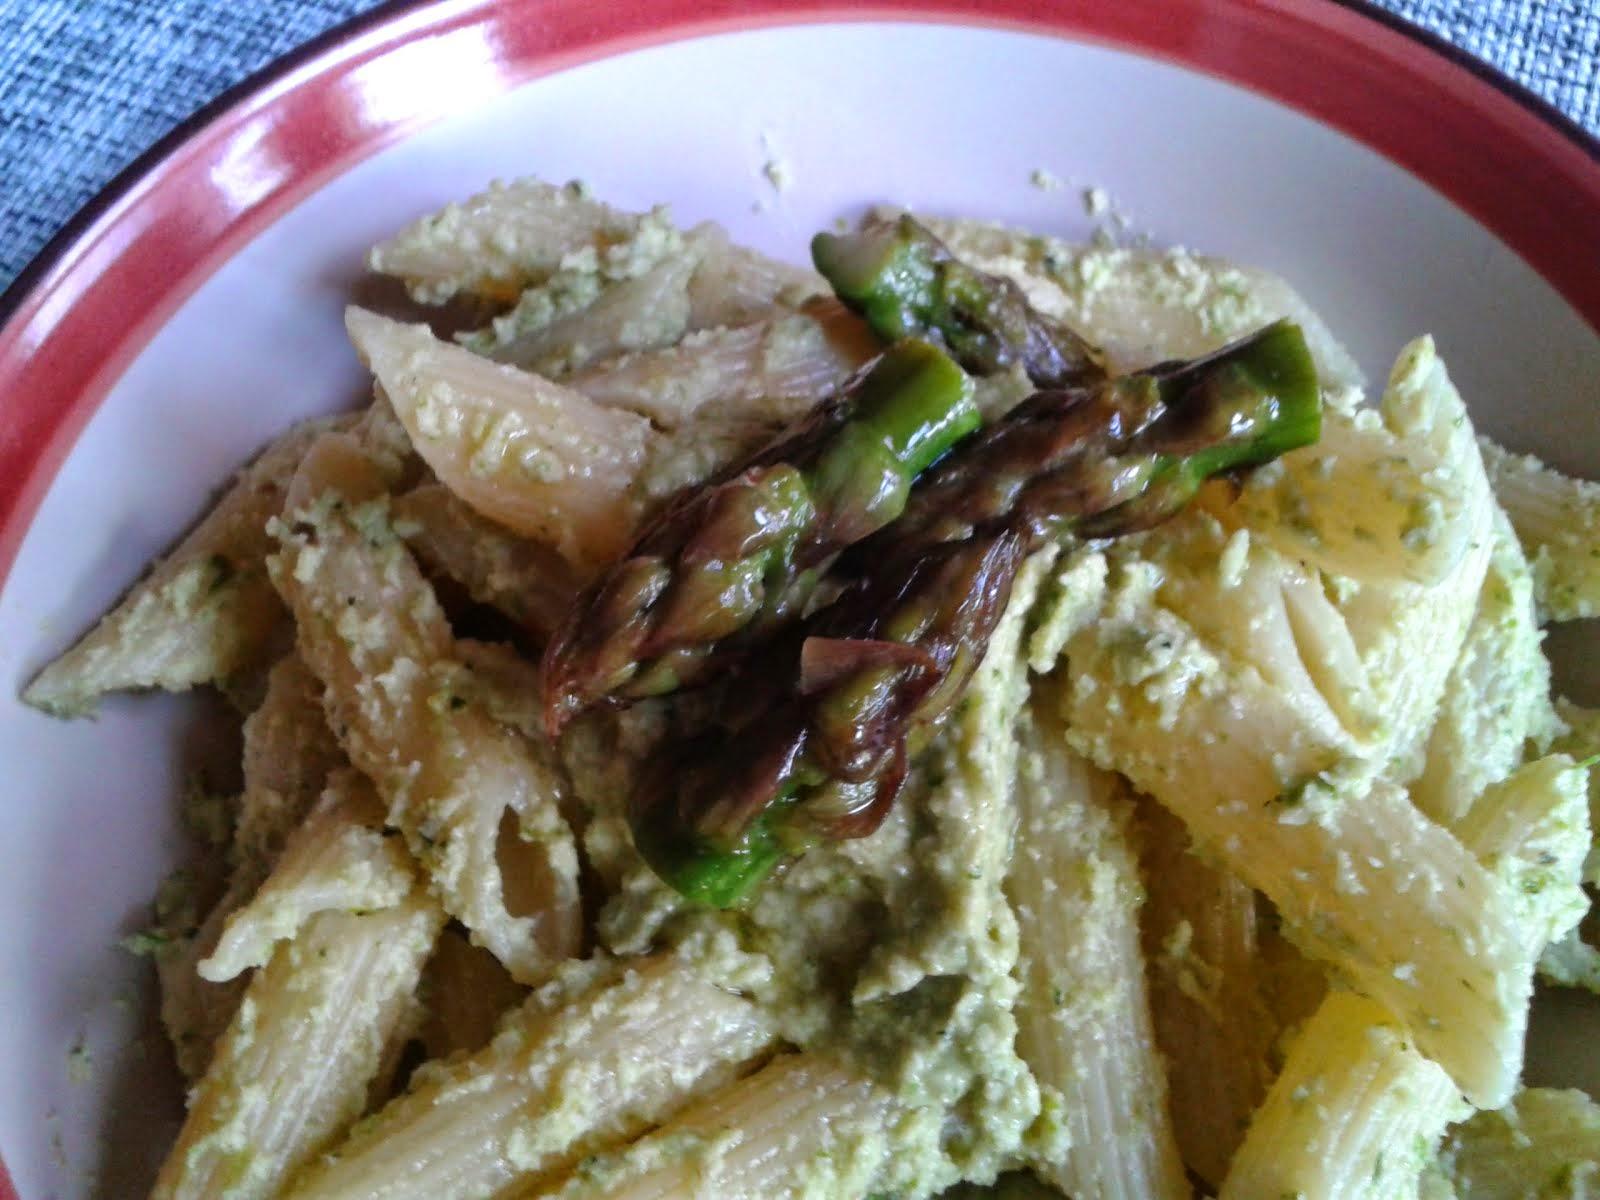 Con questo pesto invece ce ne vuole di pi¹ perché il sapore ¨ pi¹ delicato ¨ fatto prevalentemente da asparagi ed ¨ molto meno olioso di quello classico